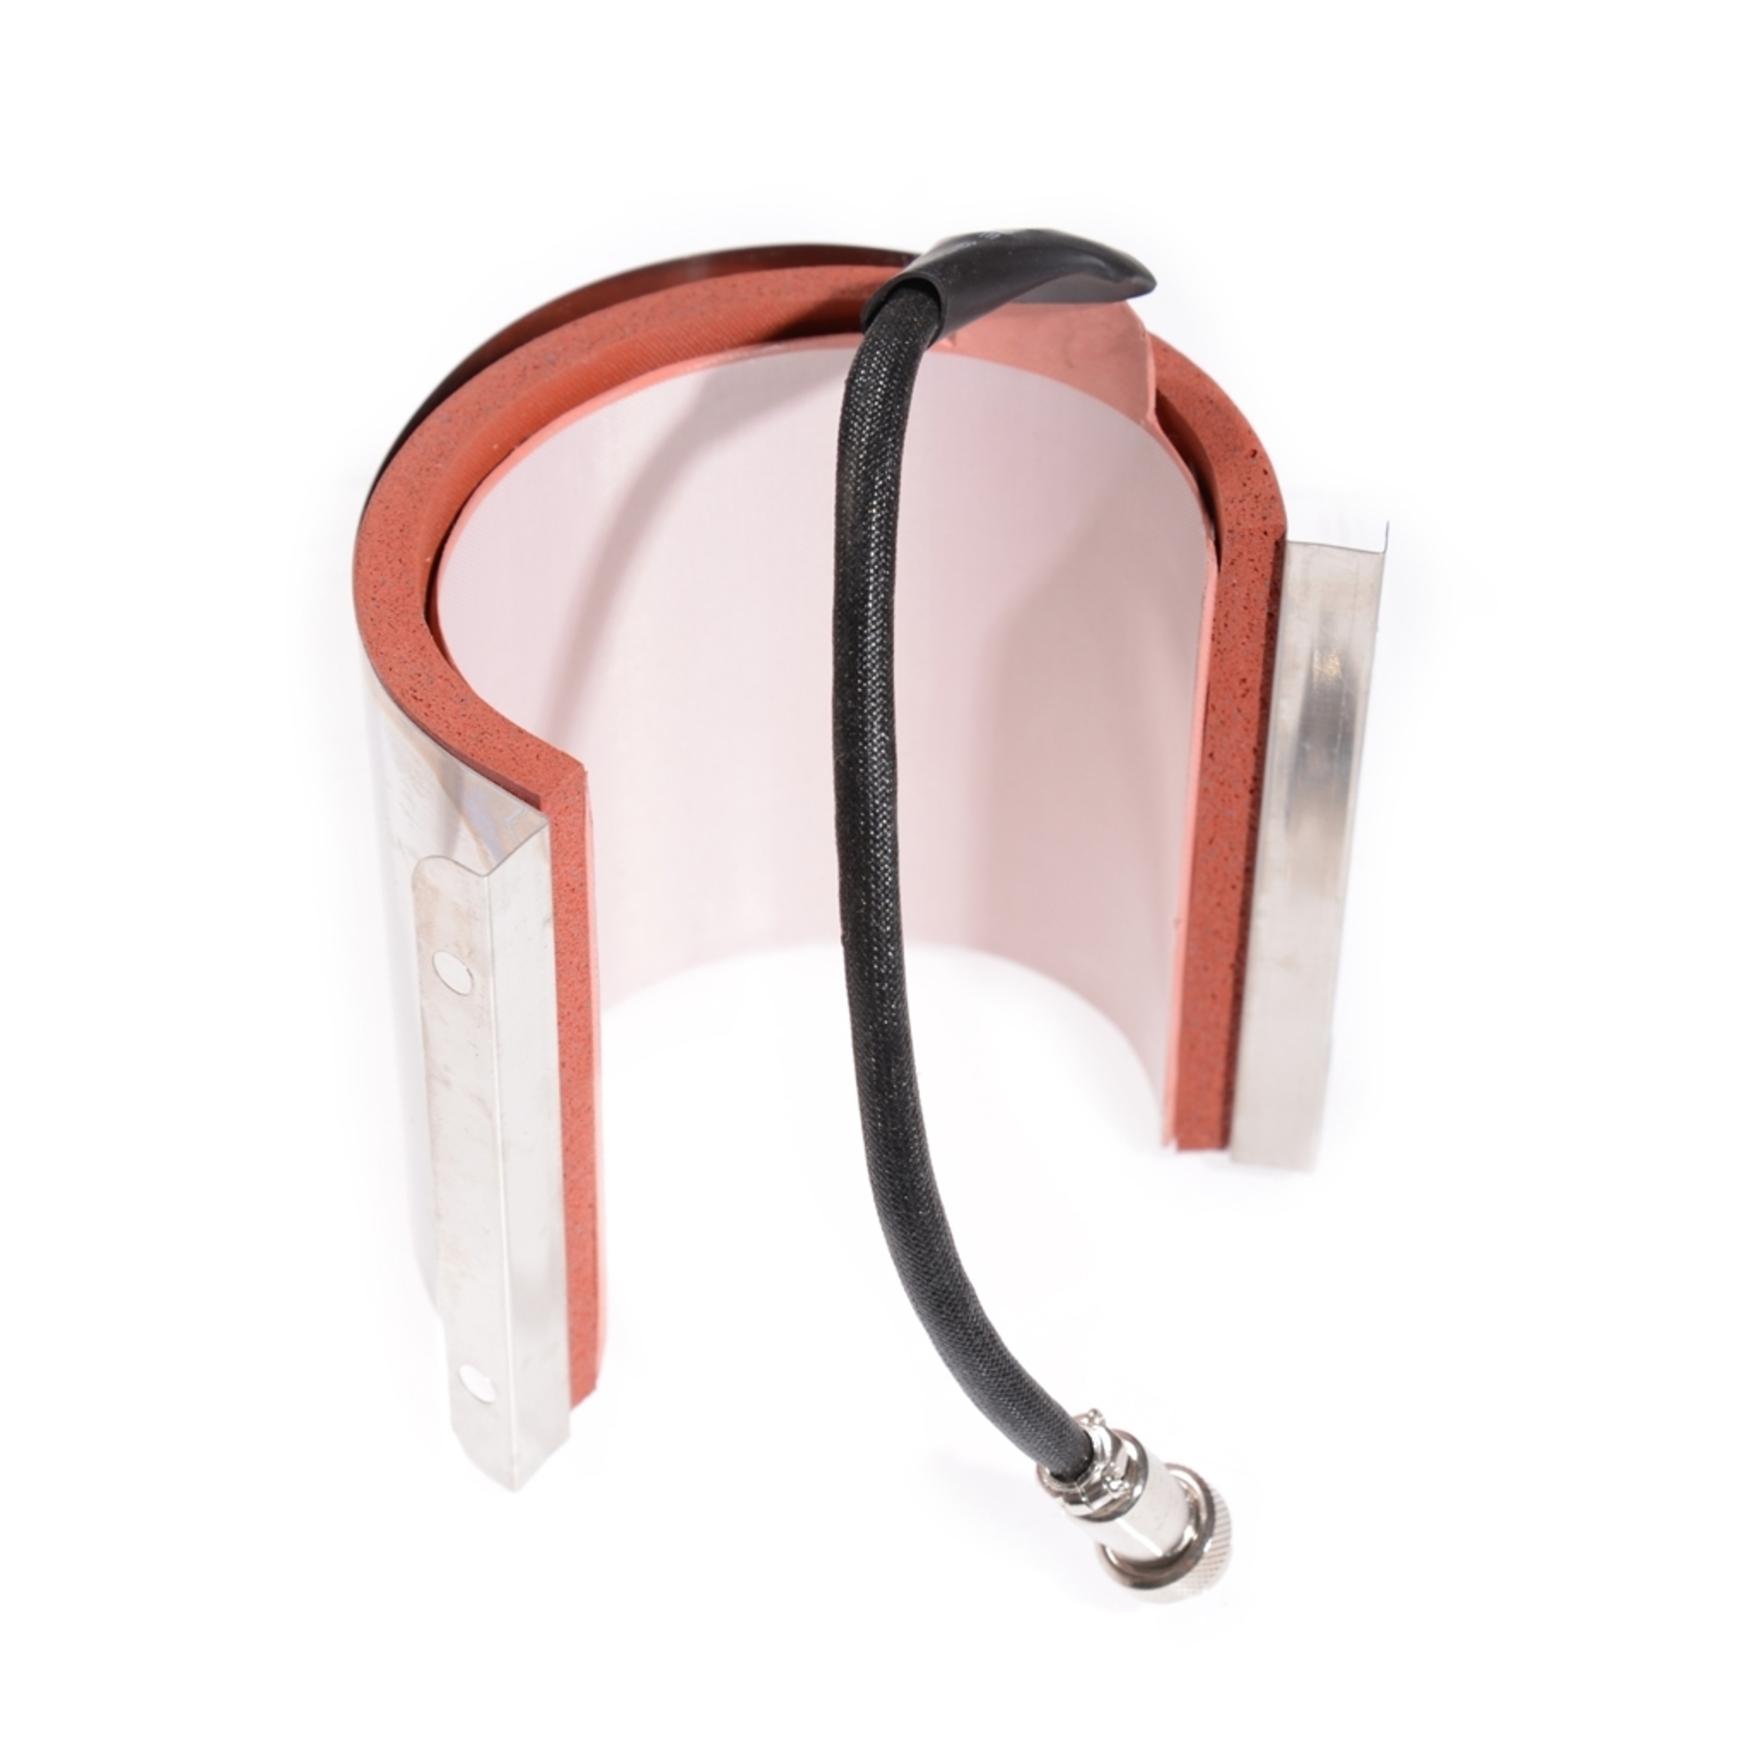 Elemento calefactor para Secabo TM1, TM2 y TM5 60 mm - 75 mm